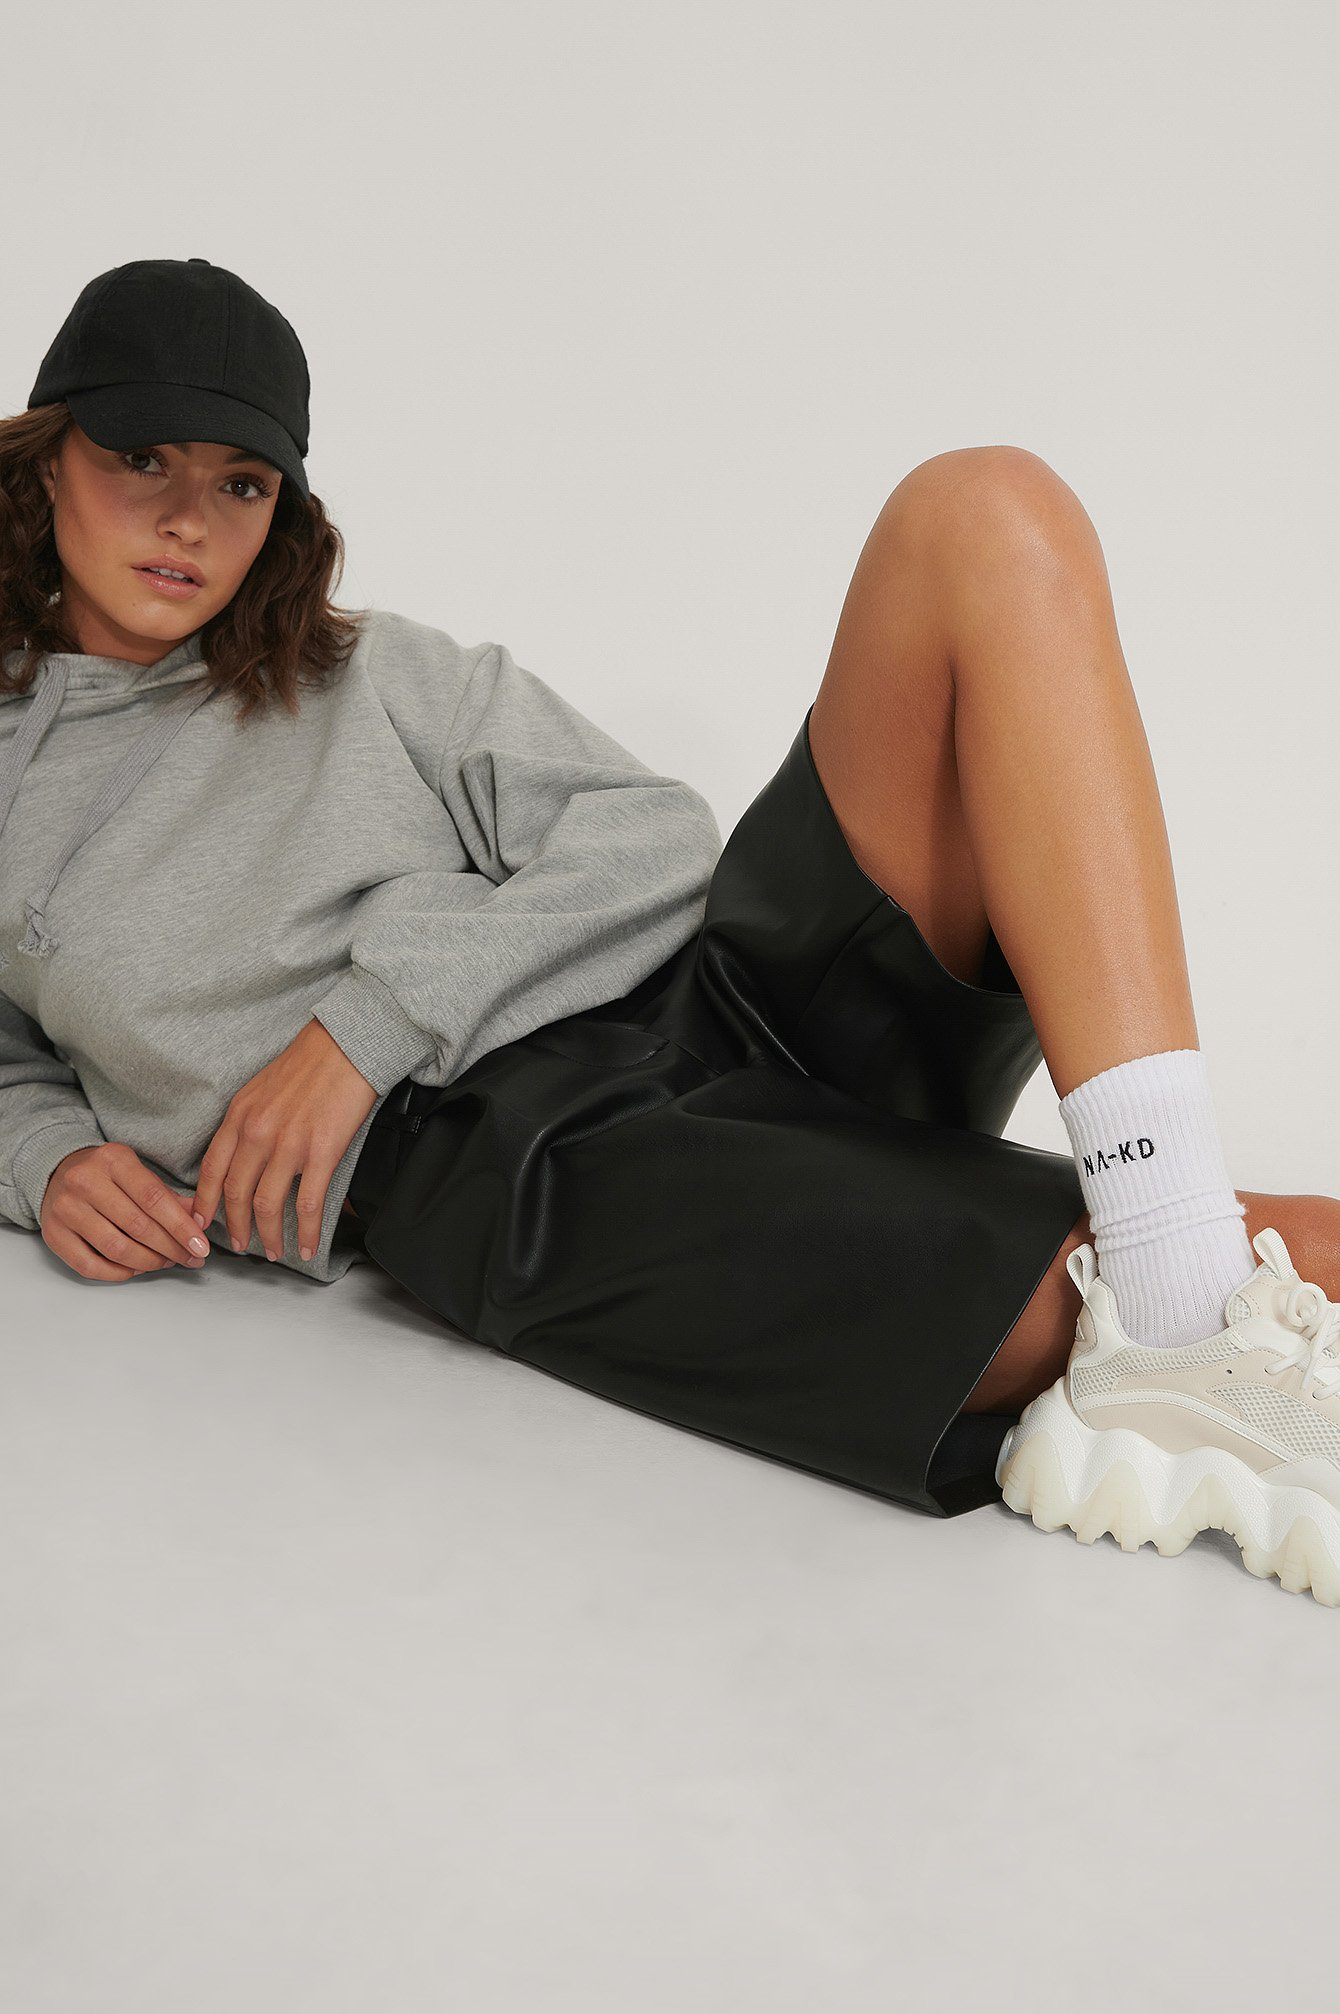 na-kd lingerie -  Organisch 3er-Pack Socken - White